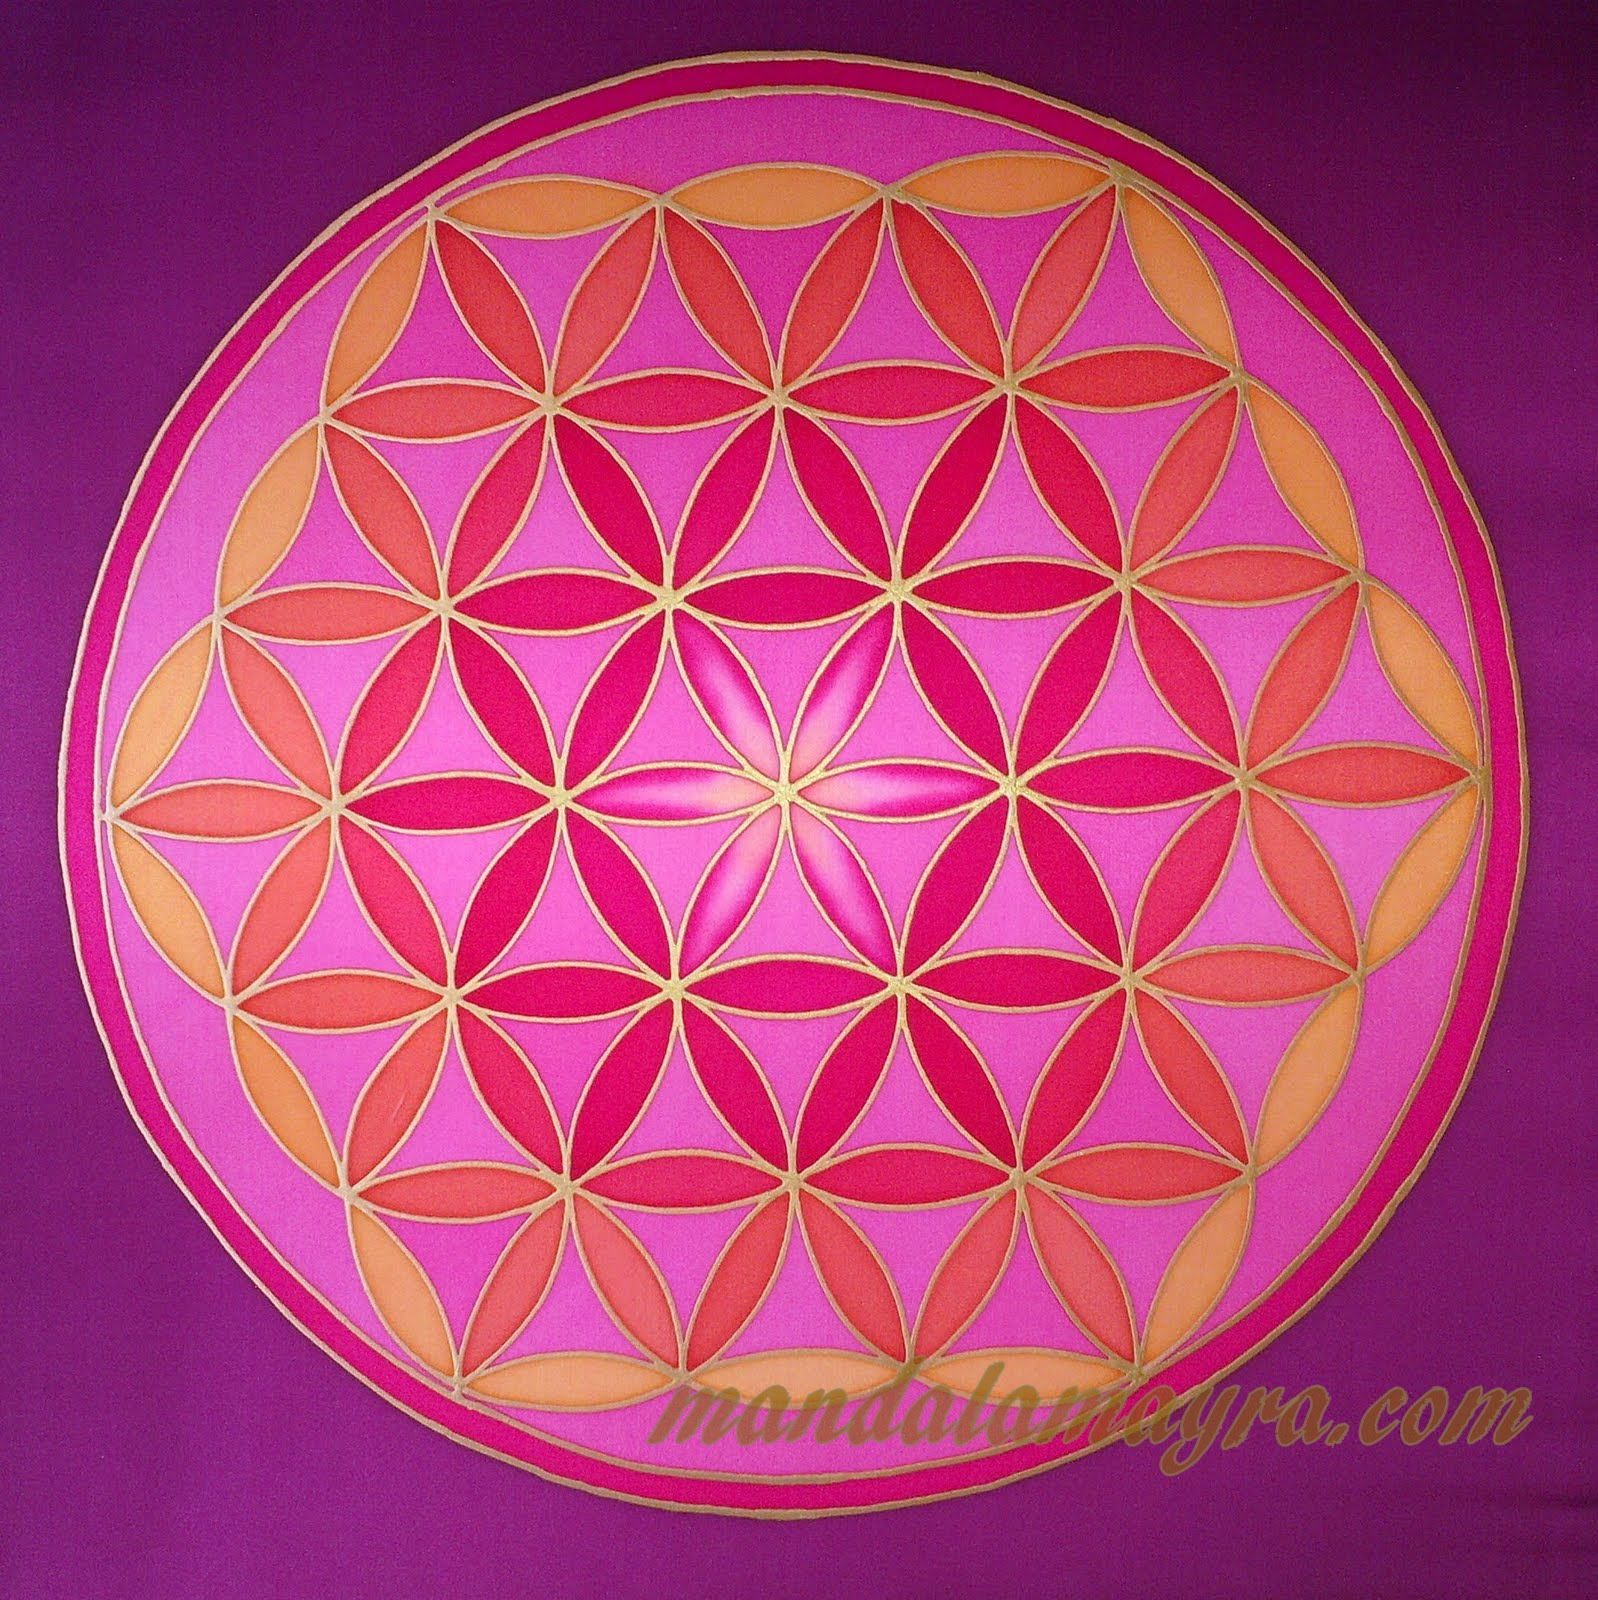 Mandala mayra significado de los colores - Colores para mandalas ...